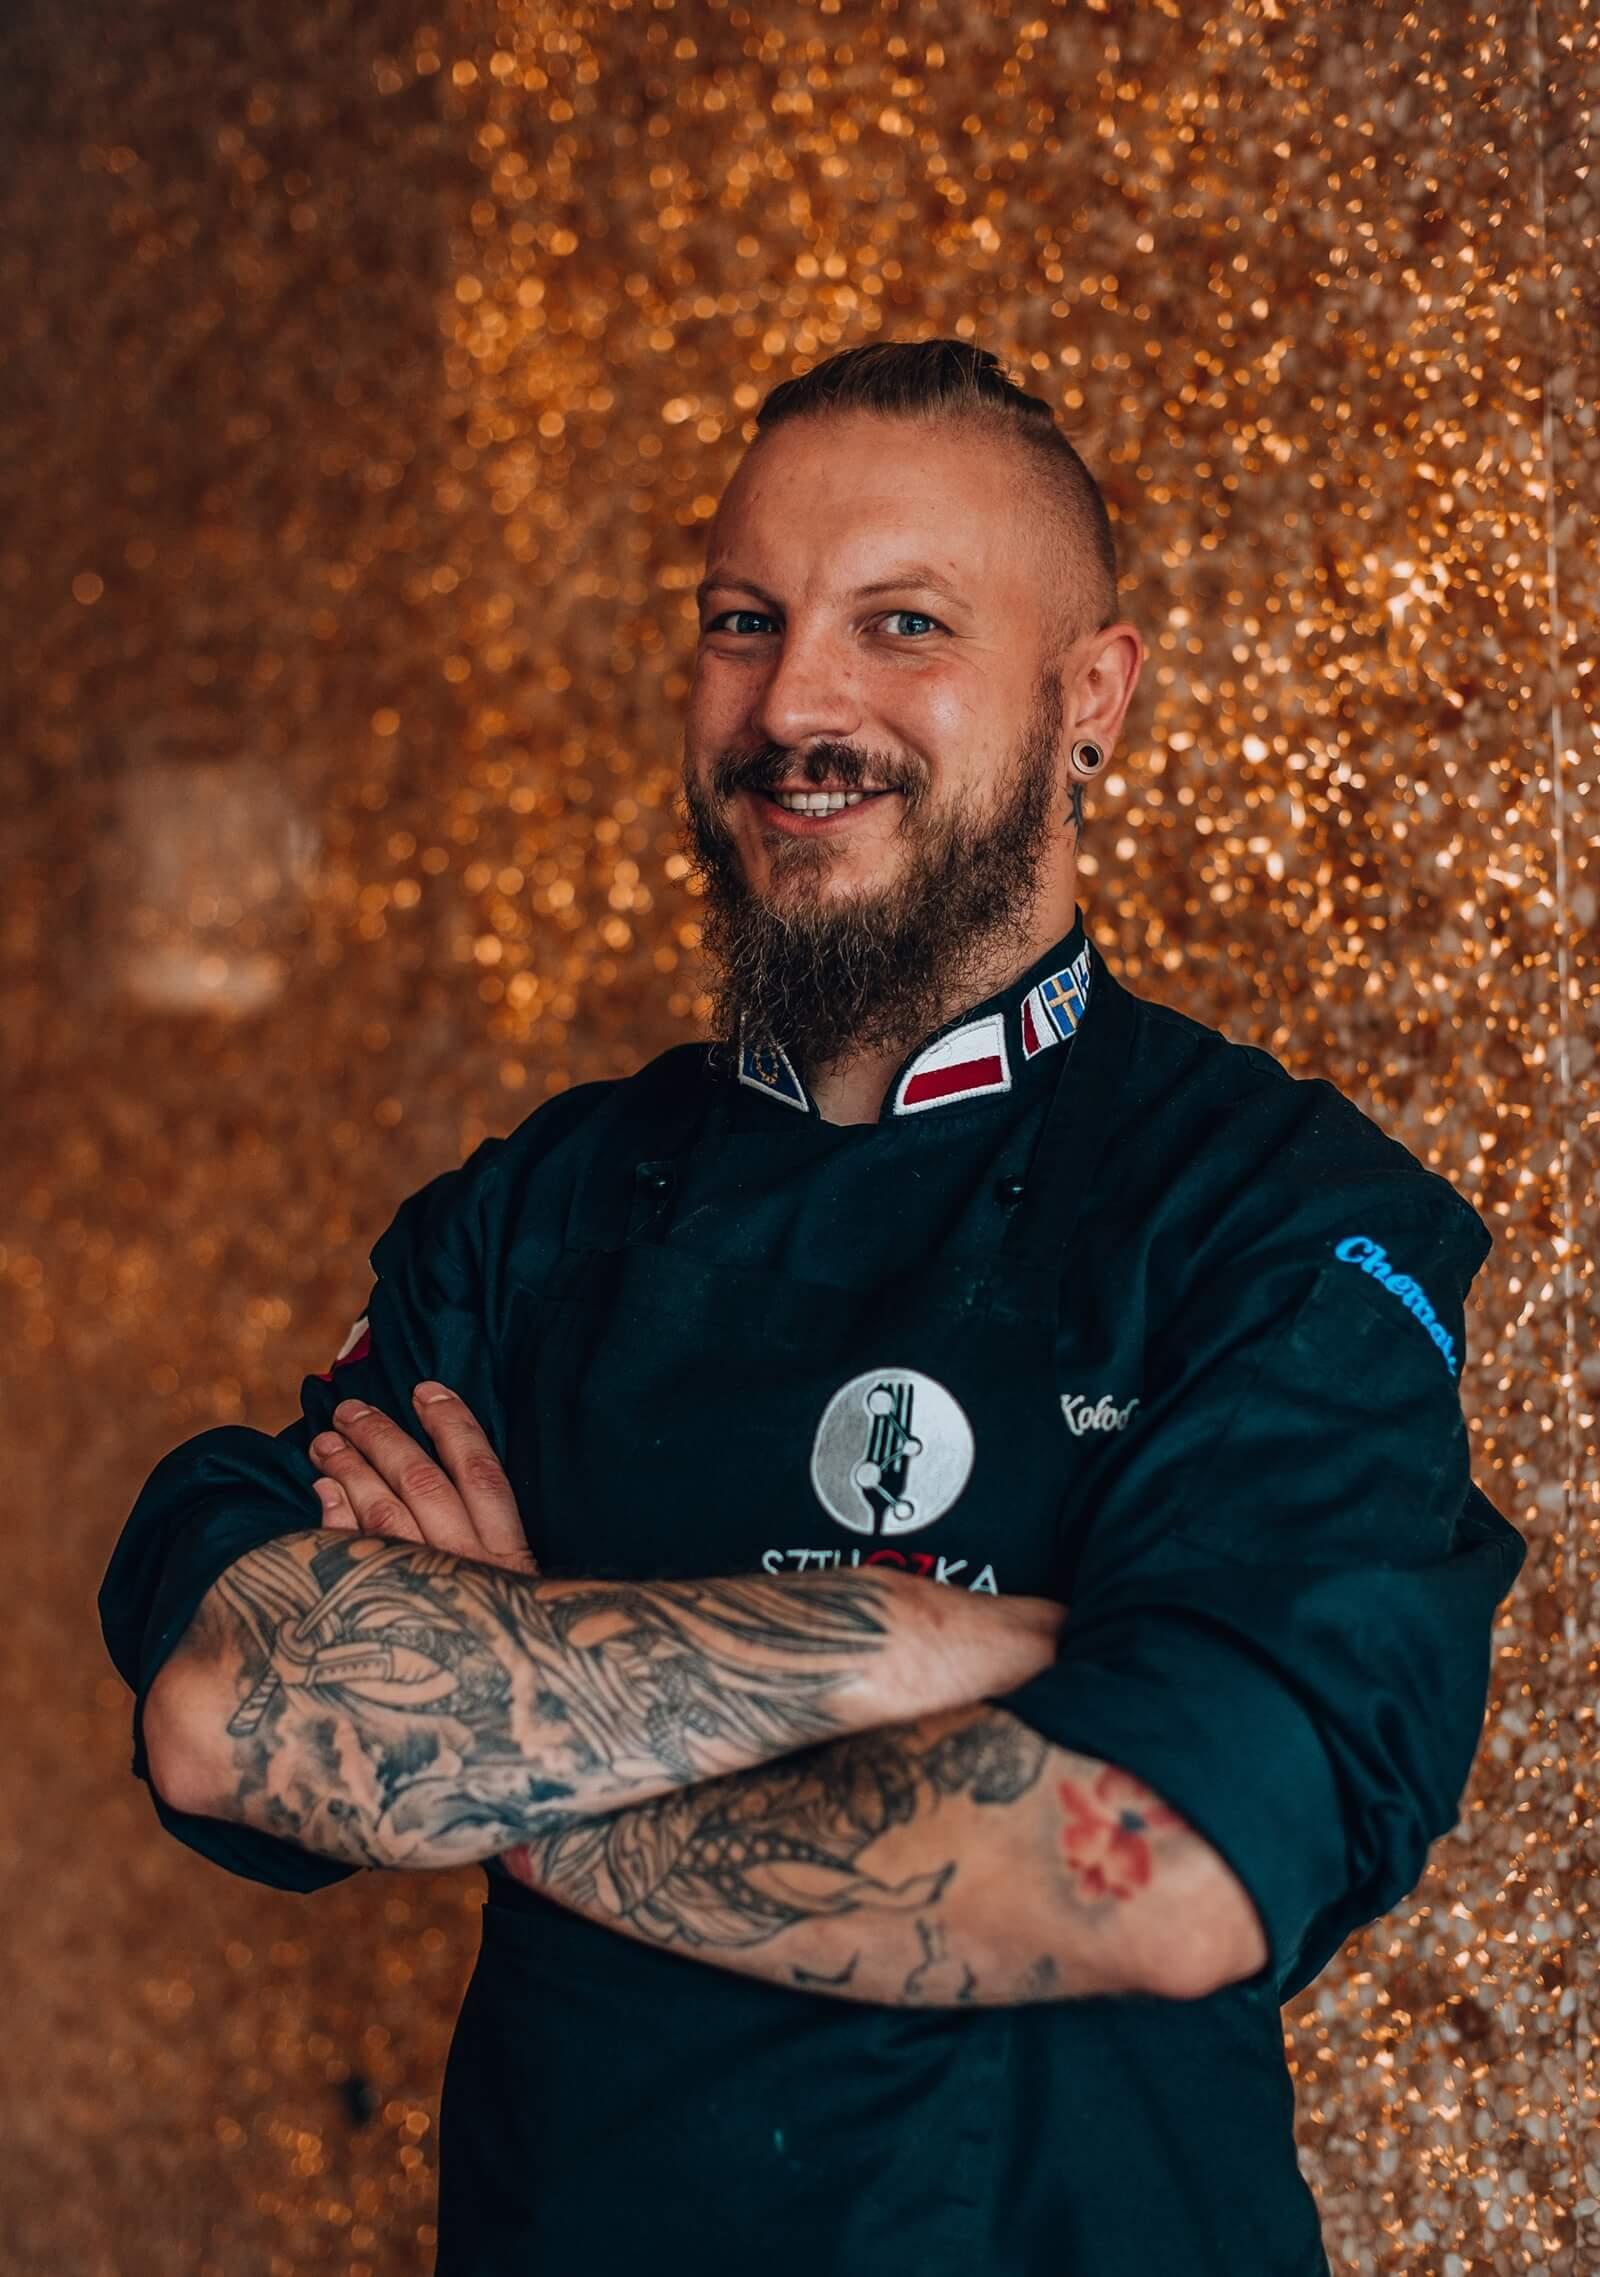 Chef of Sztuczka restaurant in Gdynia